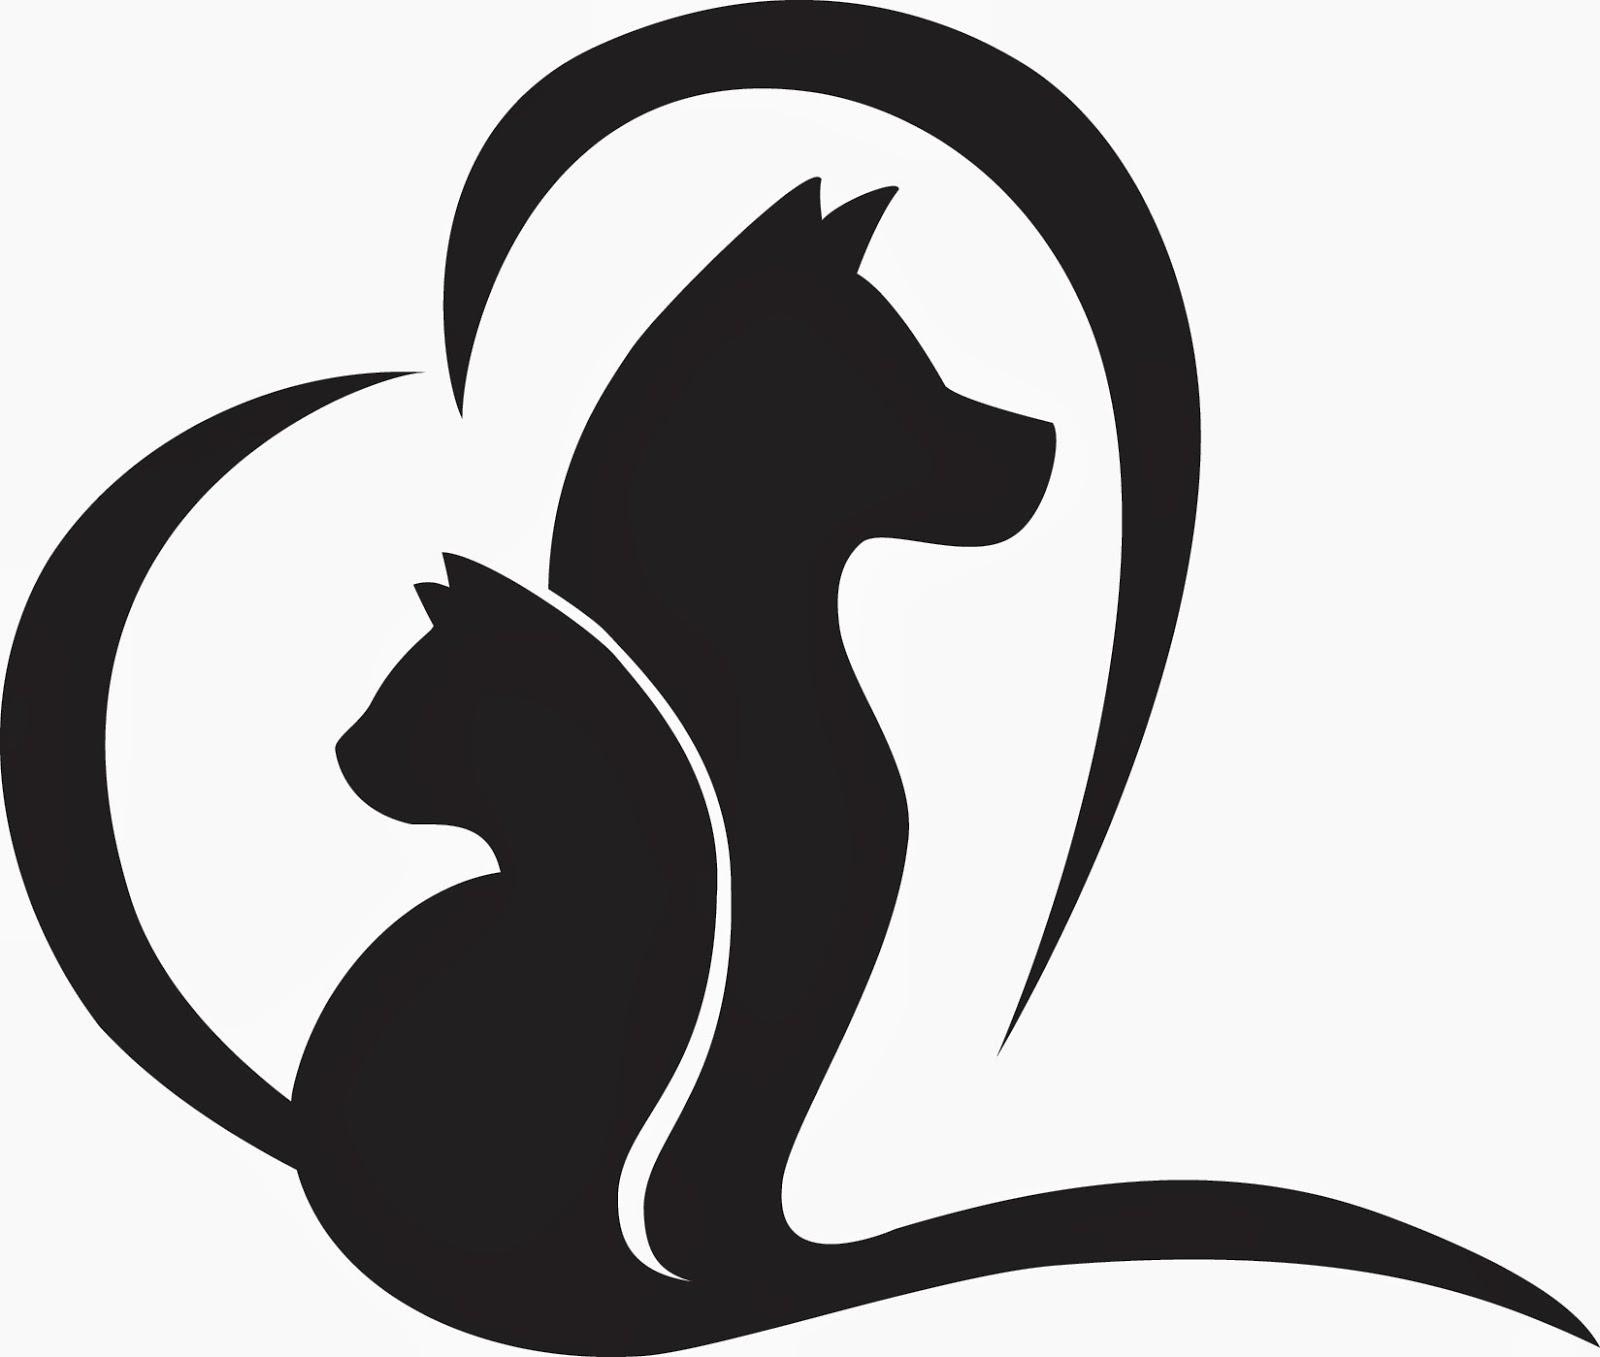 Veterinary Technician Clipart - ClipArt Best   Cartoon Vet Tech